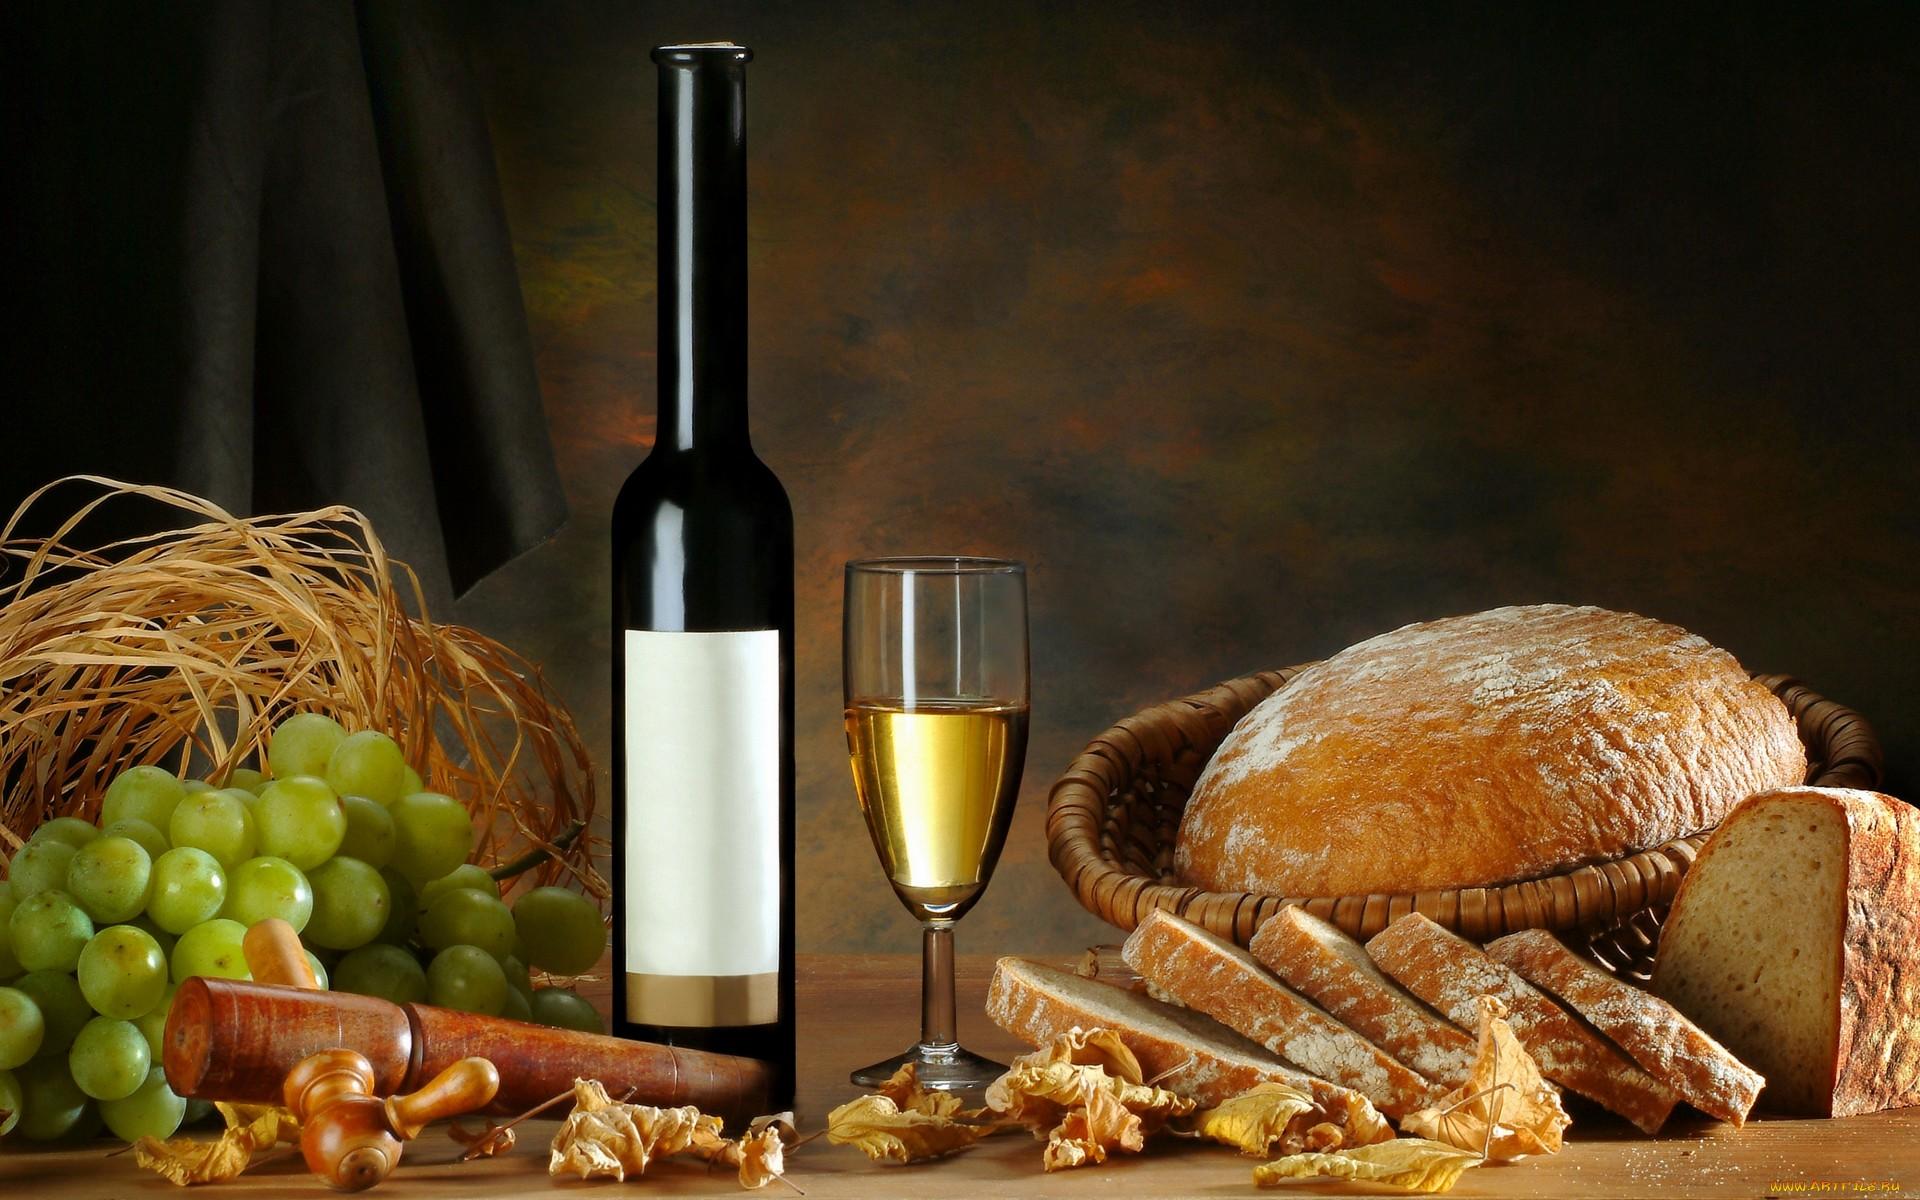 осень и вино картинки на рабочий стол истема